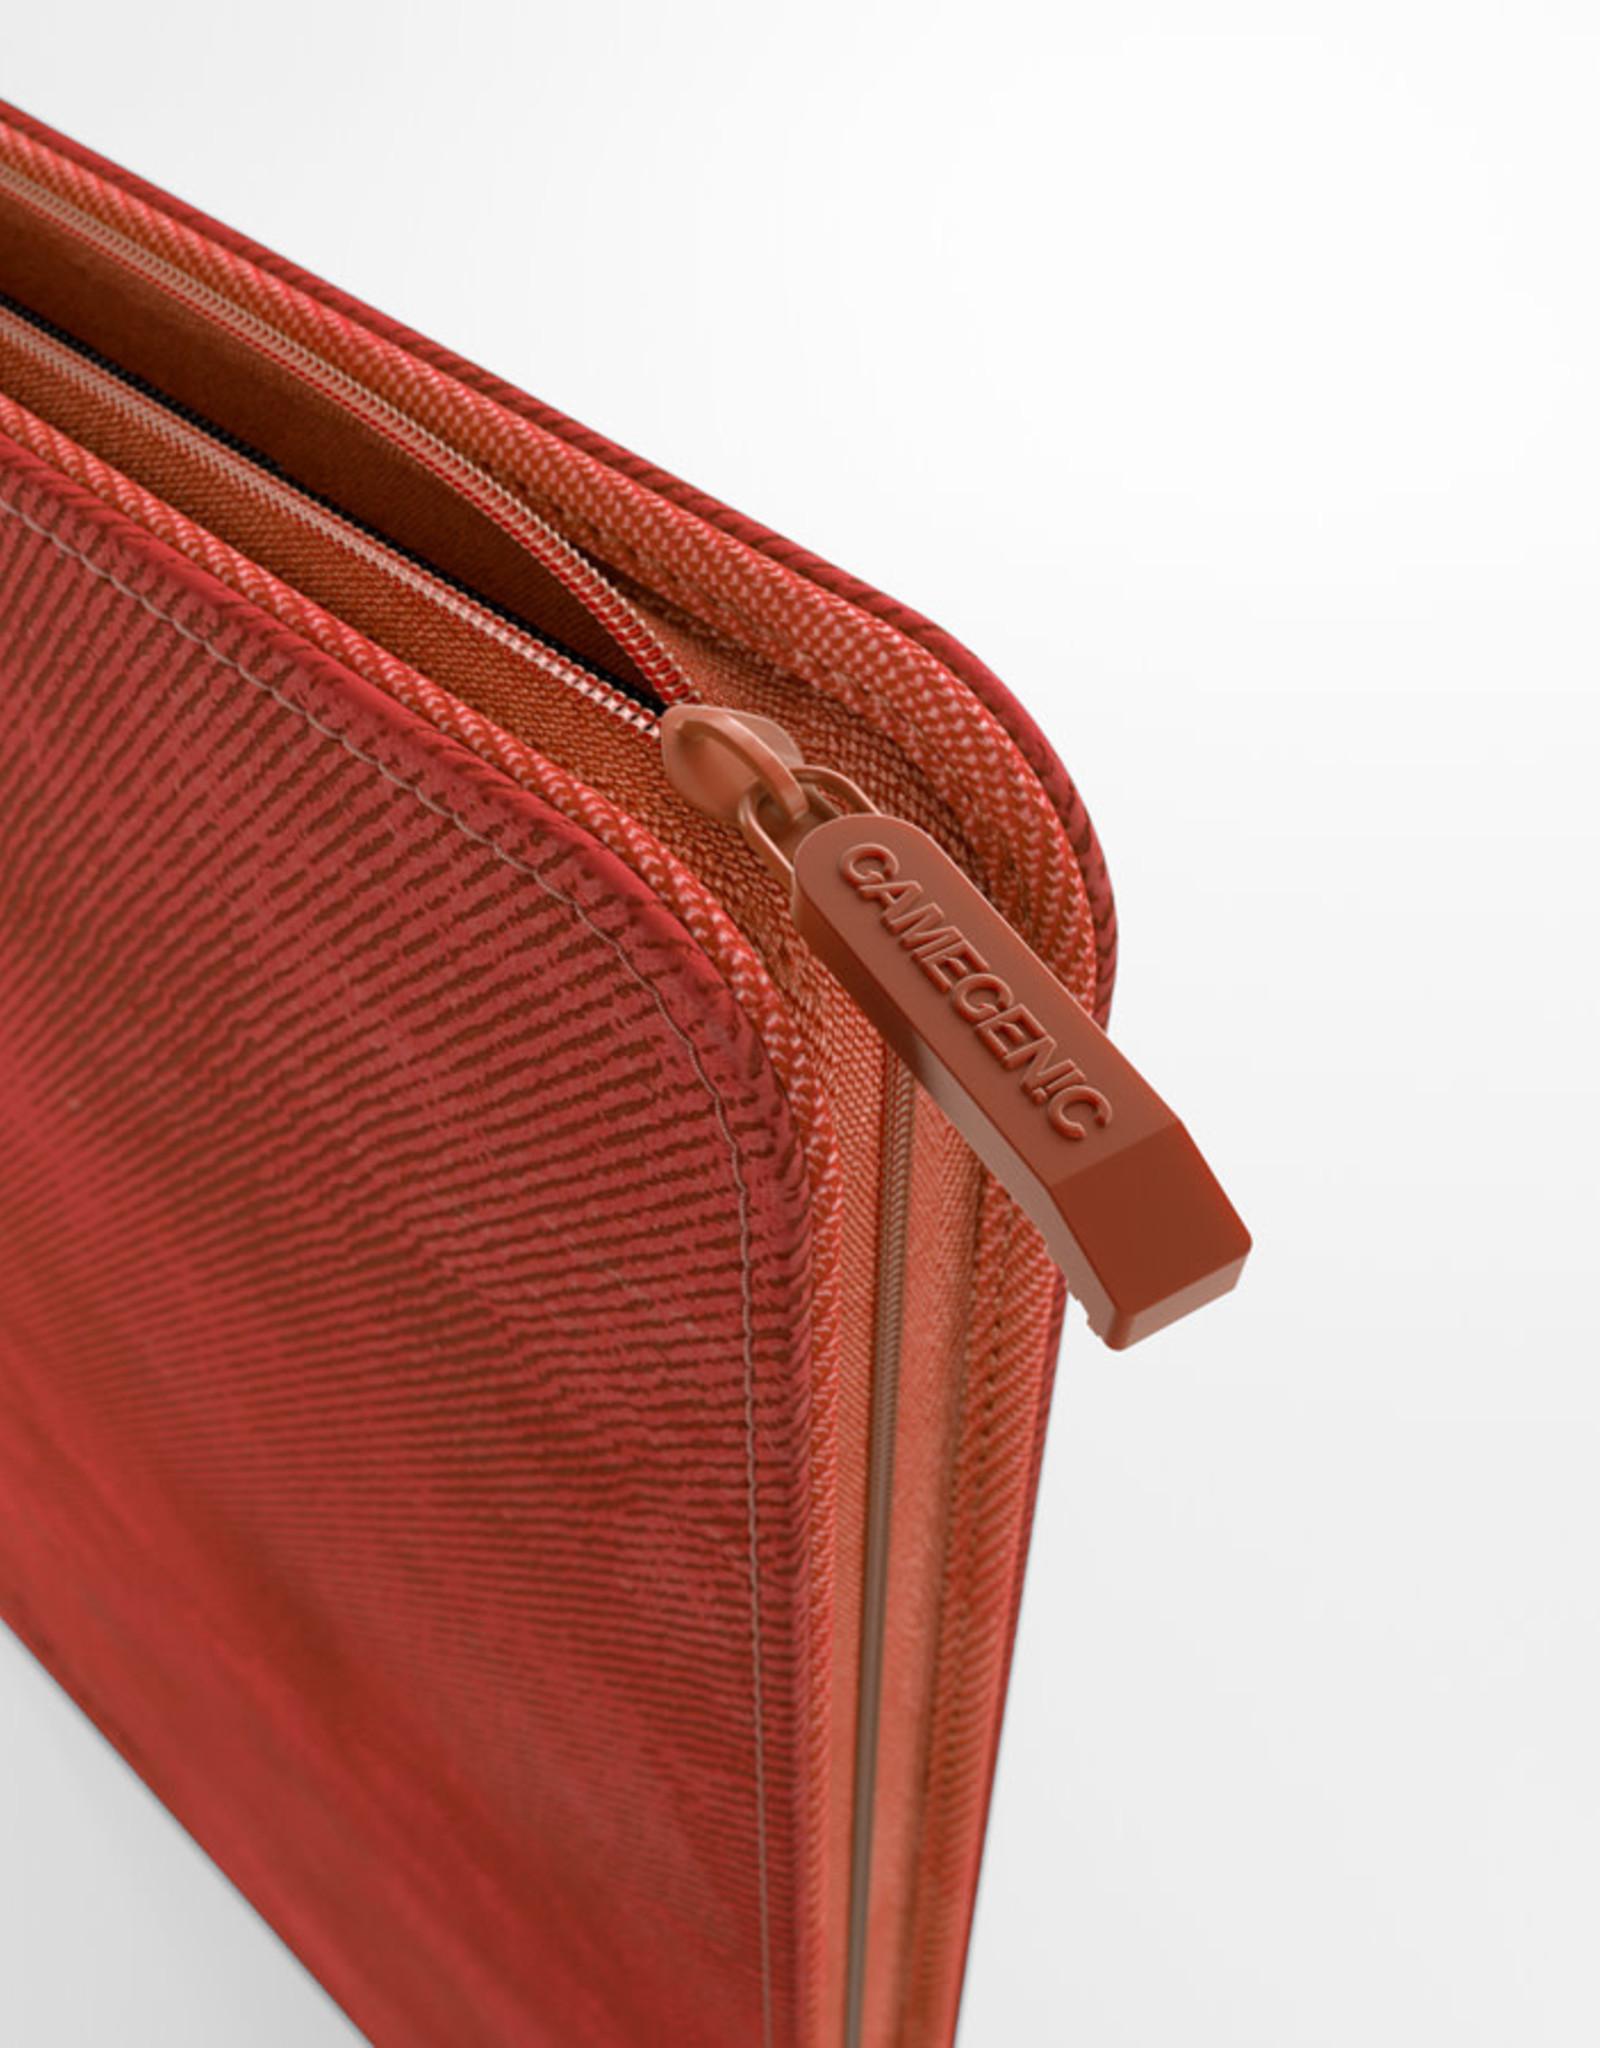 Binder: 24-Pocket Zip-Up Album Red